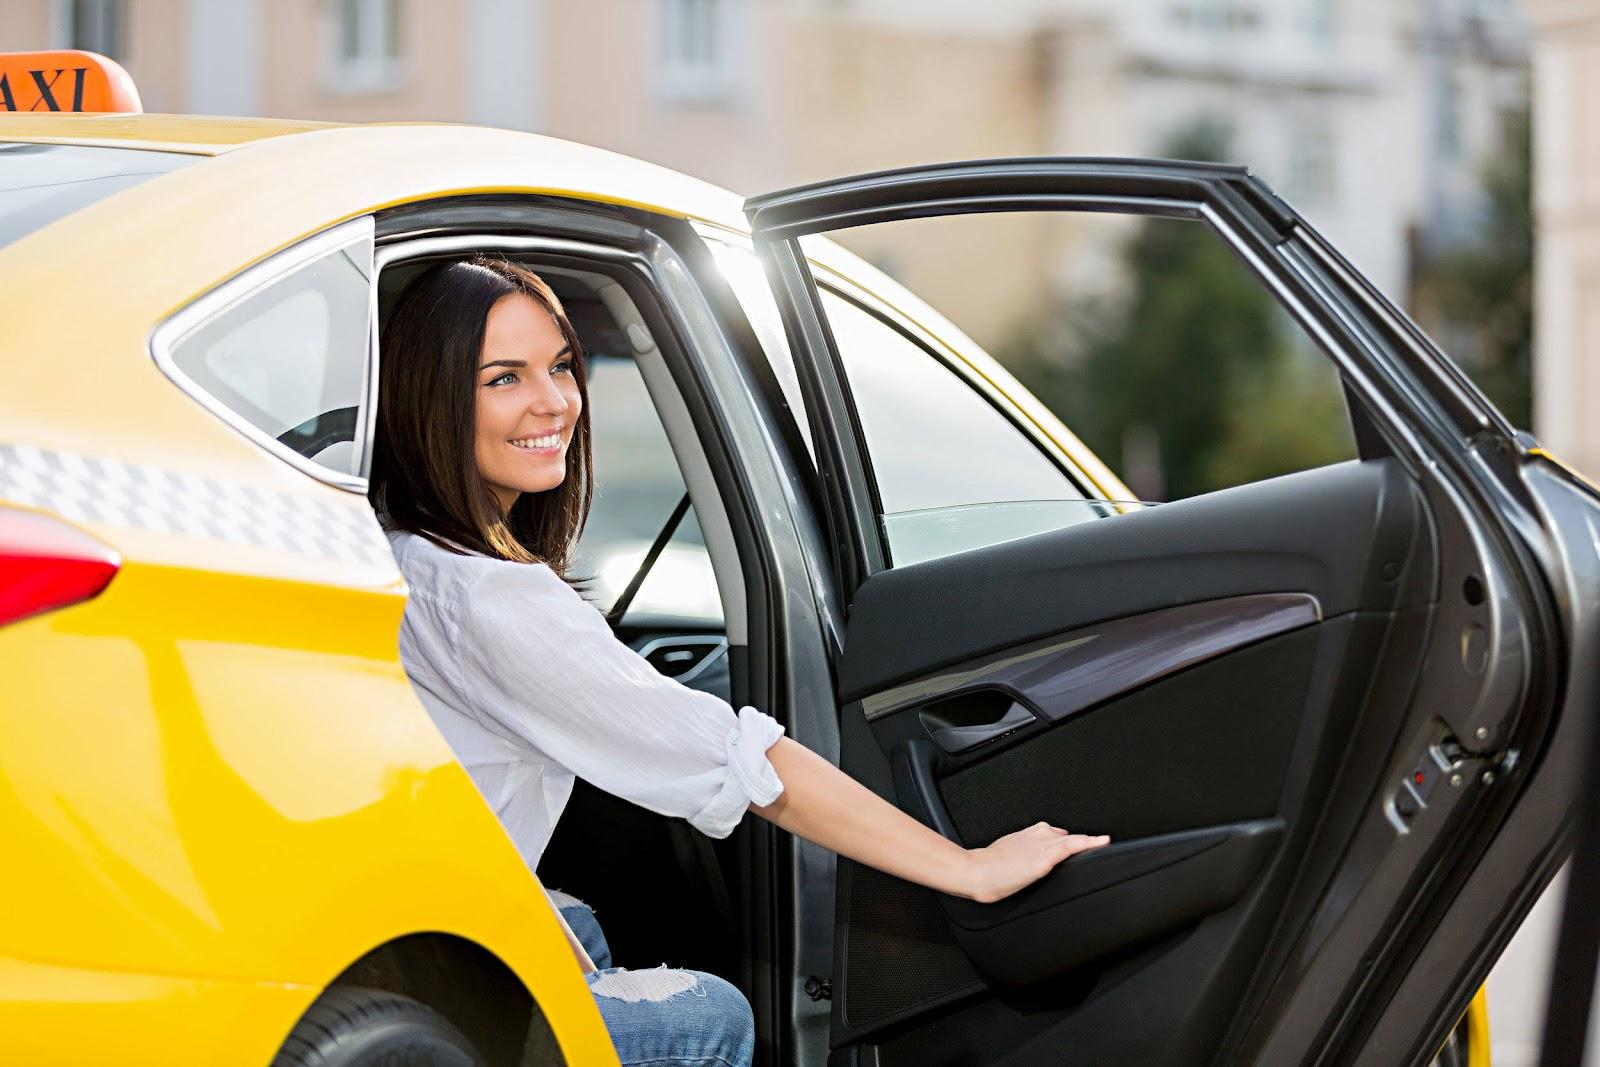 13 способов разозлить водителя и уничтожить комфортную поездку в такси - Картинка 1